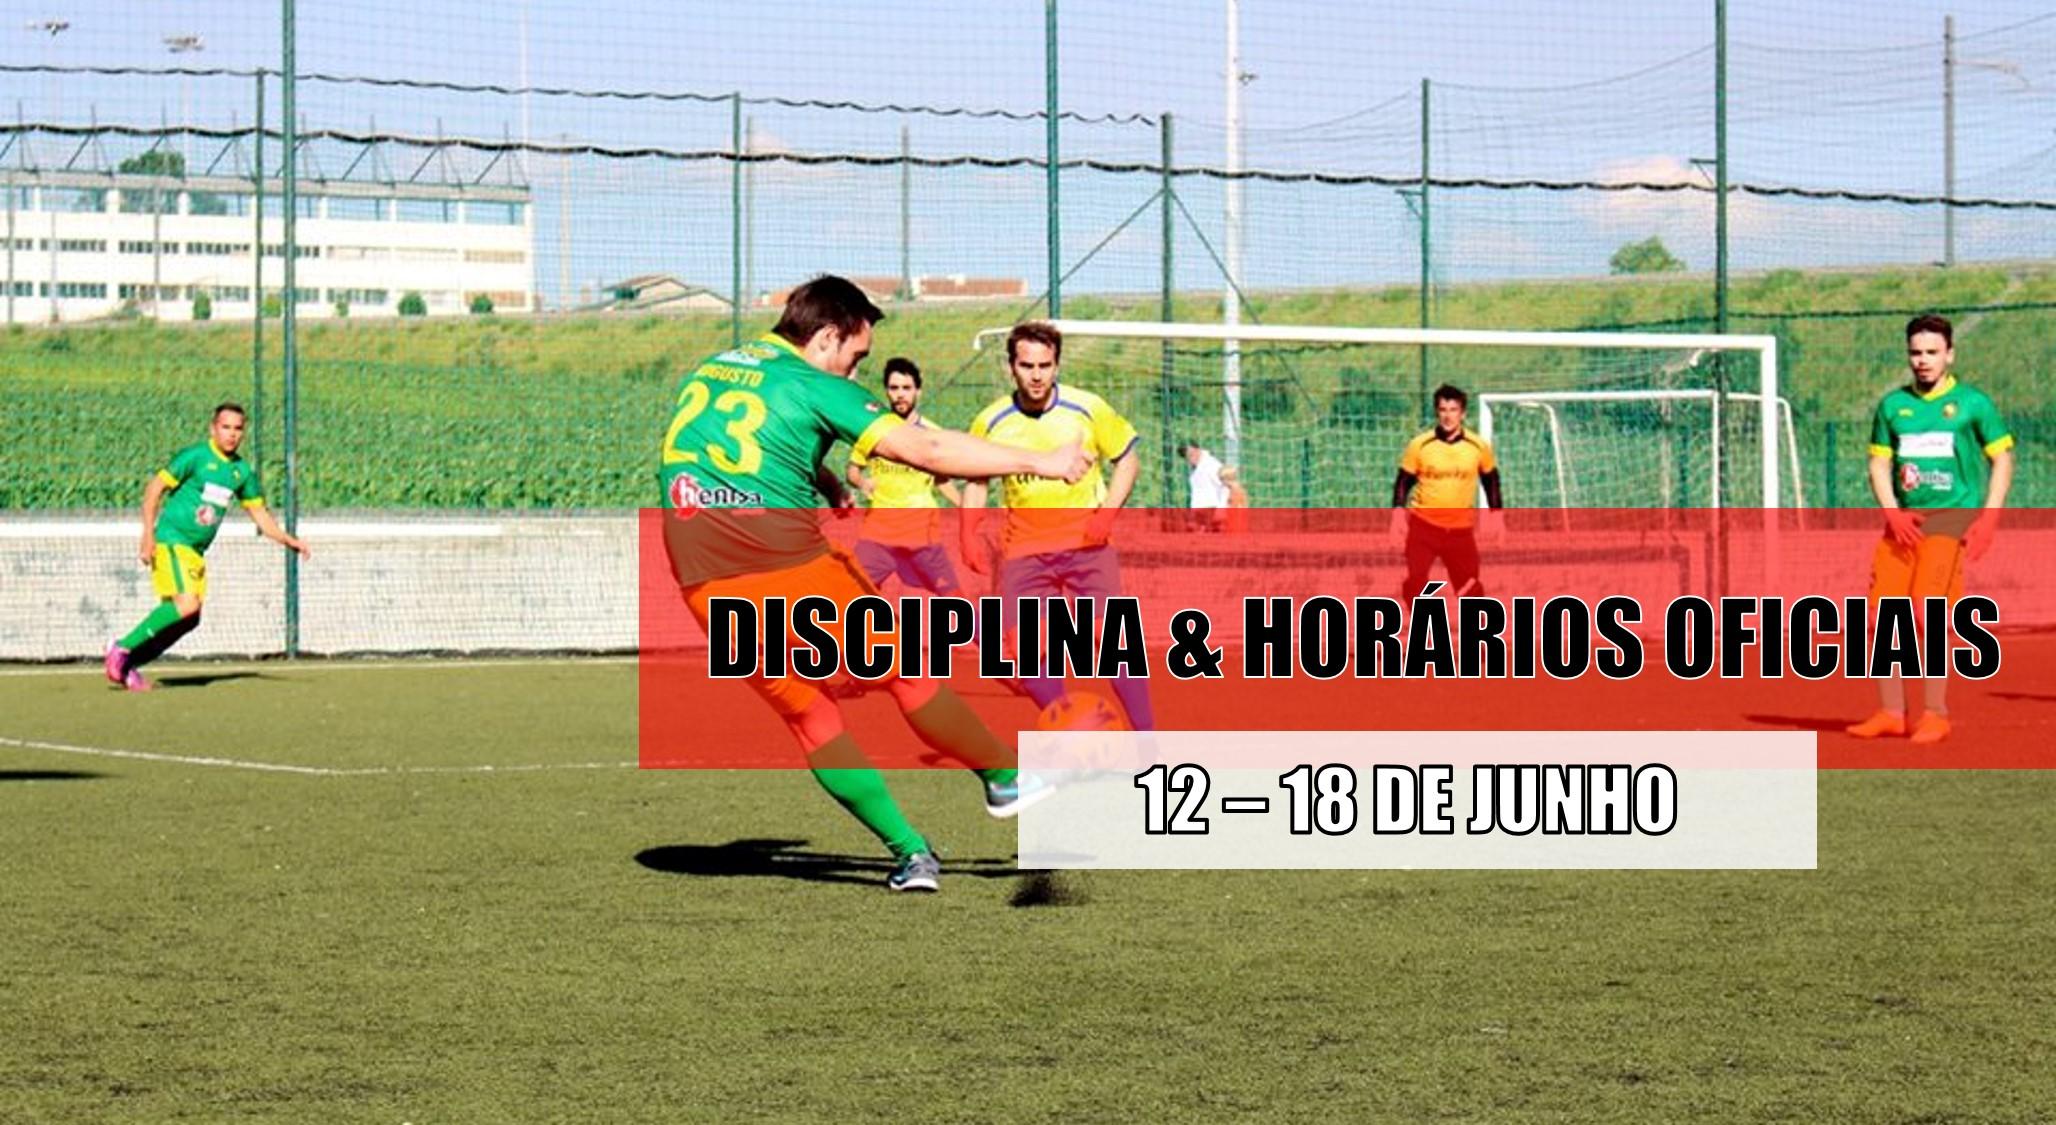 DISCIPLINA   HORÁRIOS OFICIAS – 15 DE JUNHO  7a740f6bfe1d8